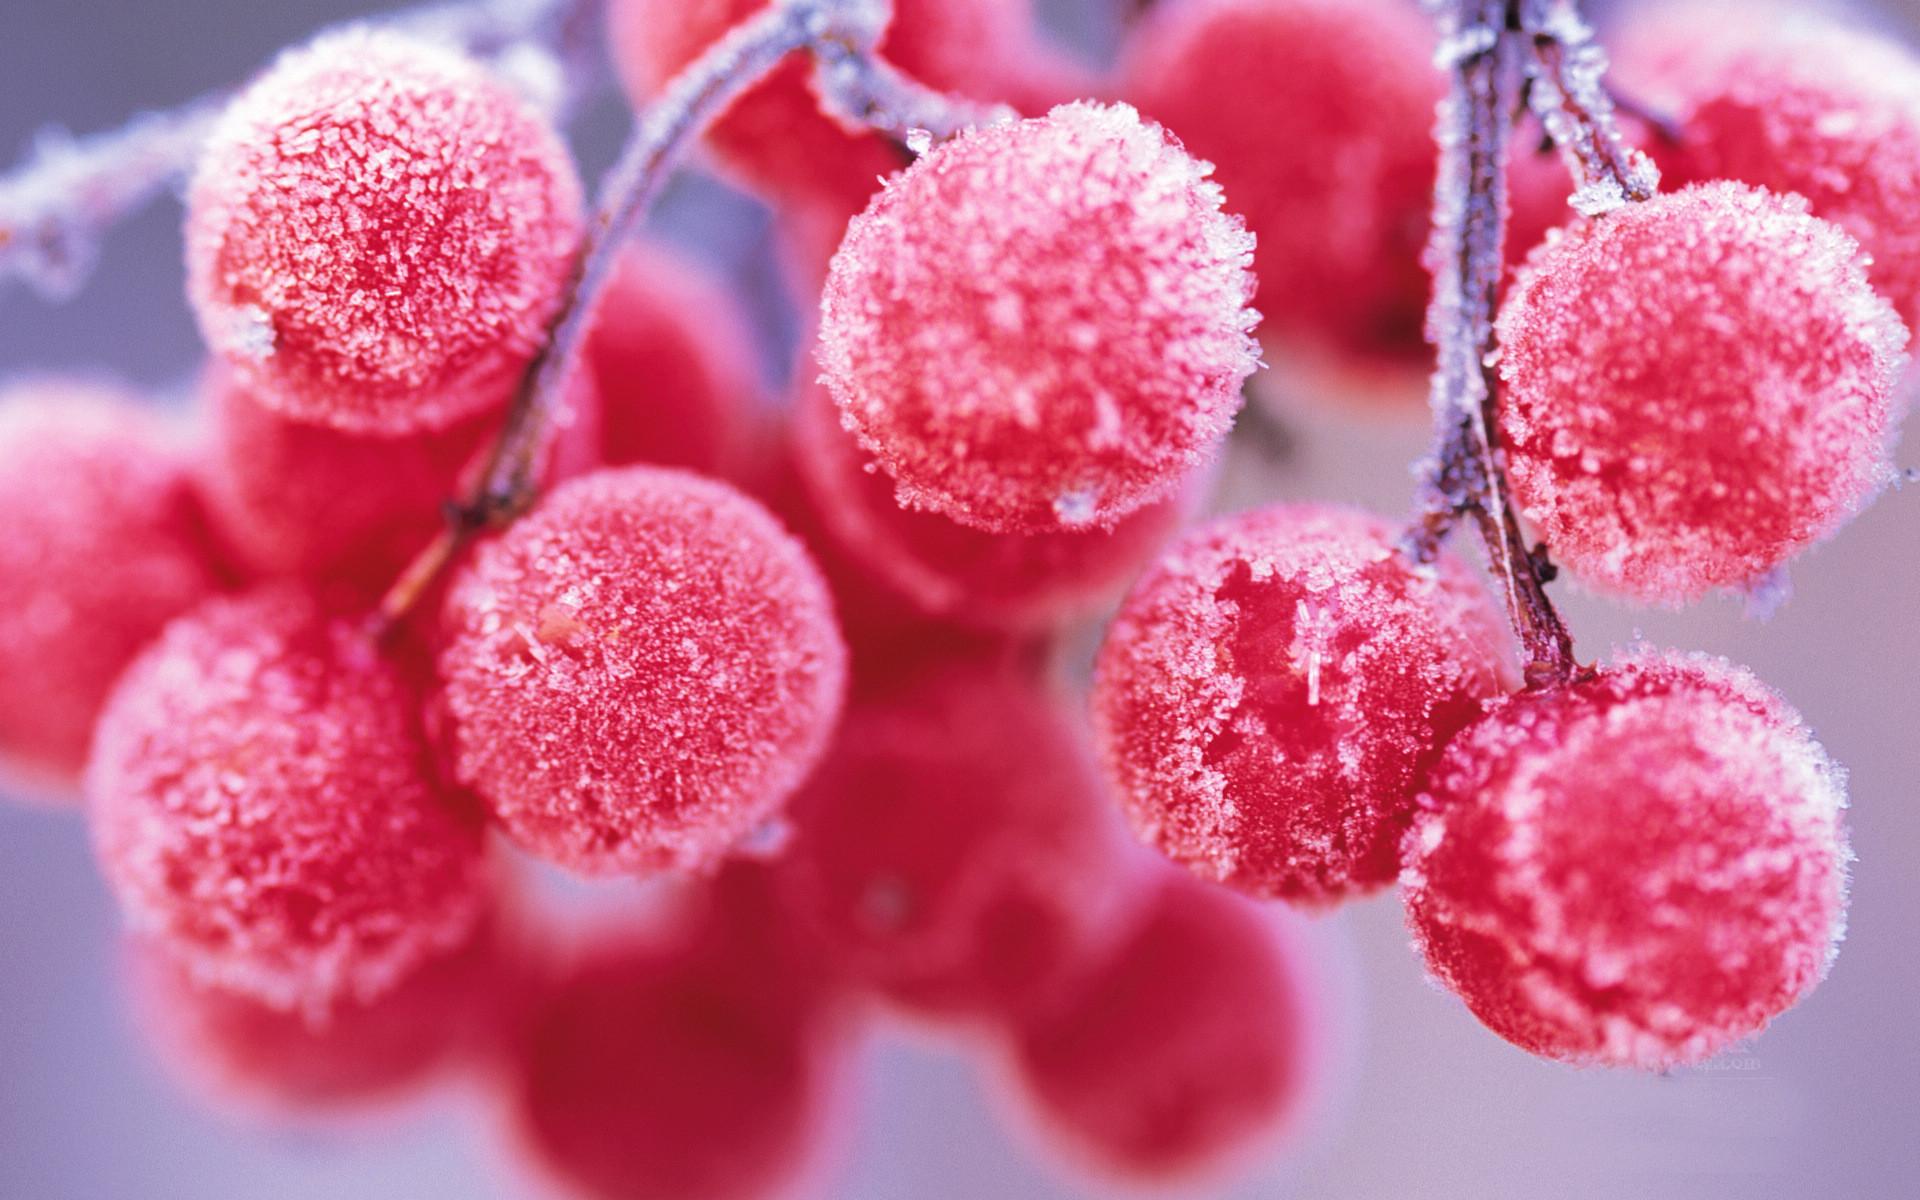 二十四节气第18节 | 霜降:风紧草木枯,跟秋天道别吧